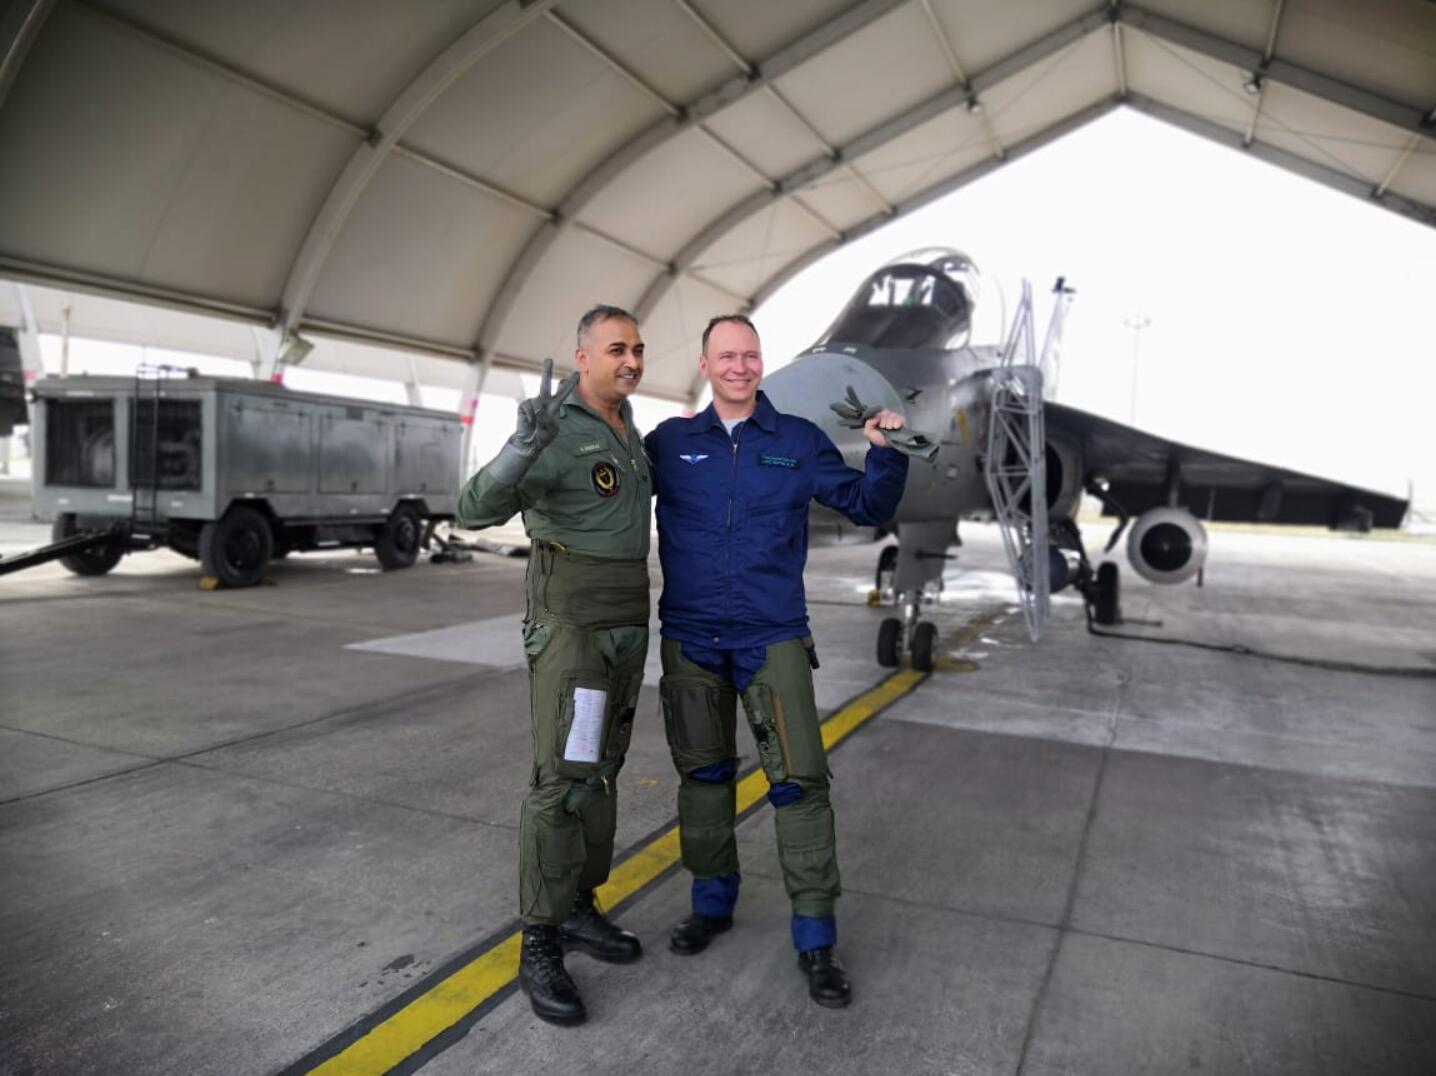 俄飛行員興奮體驗印度光輝戰機?落地后豎起大拇指